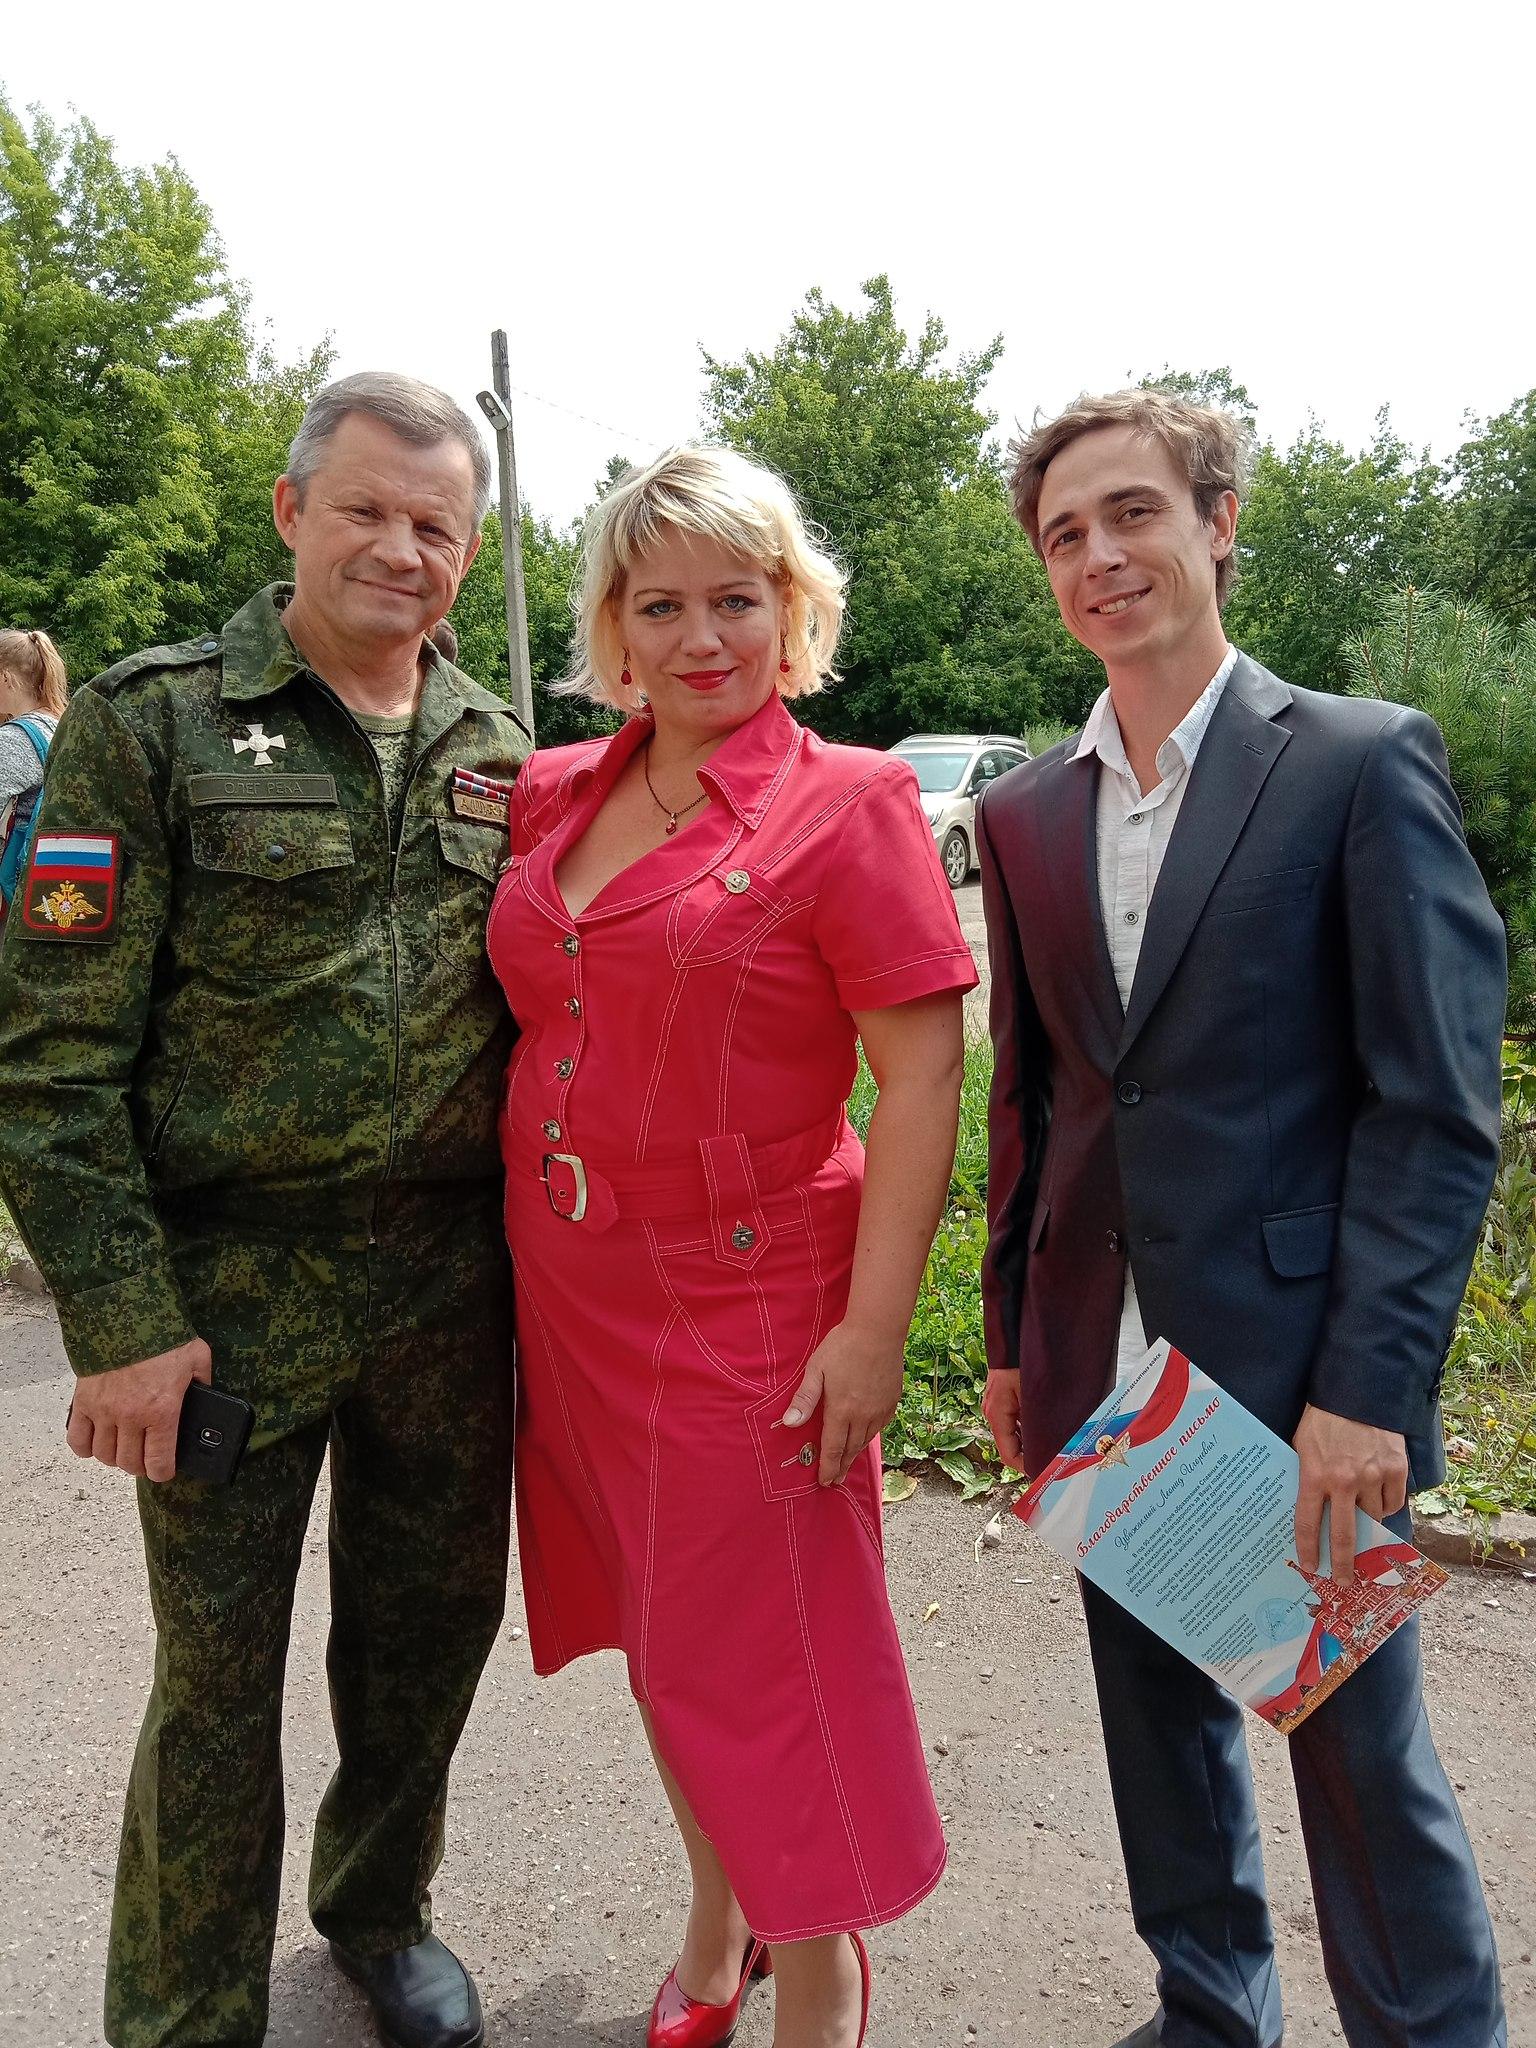 Наталья Смирнова - 13 июля 2020 в 11:32